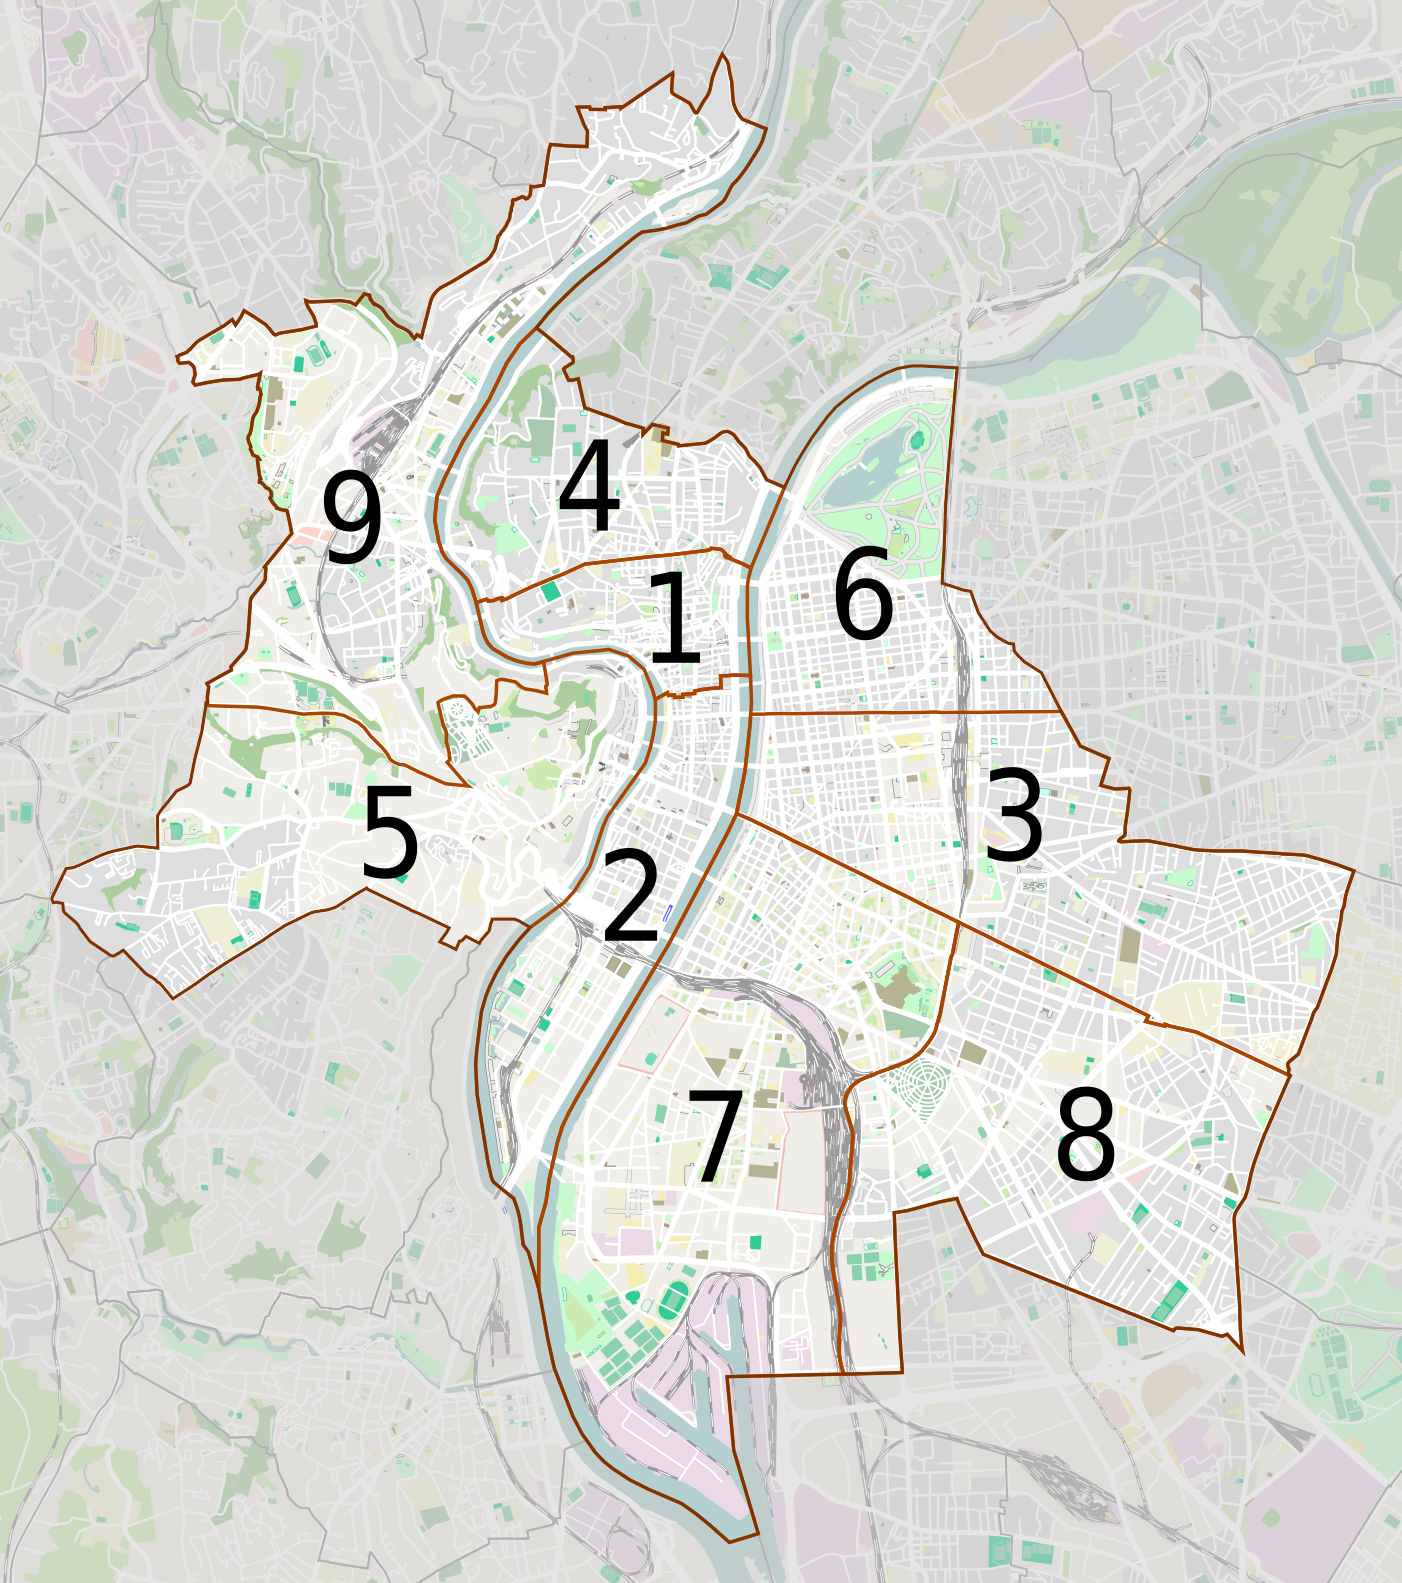 carte des arrondissements de lyon File:Lyon et ses arrondissements map numbers.png   Wikimedia Commons